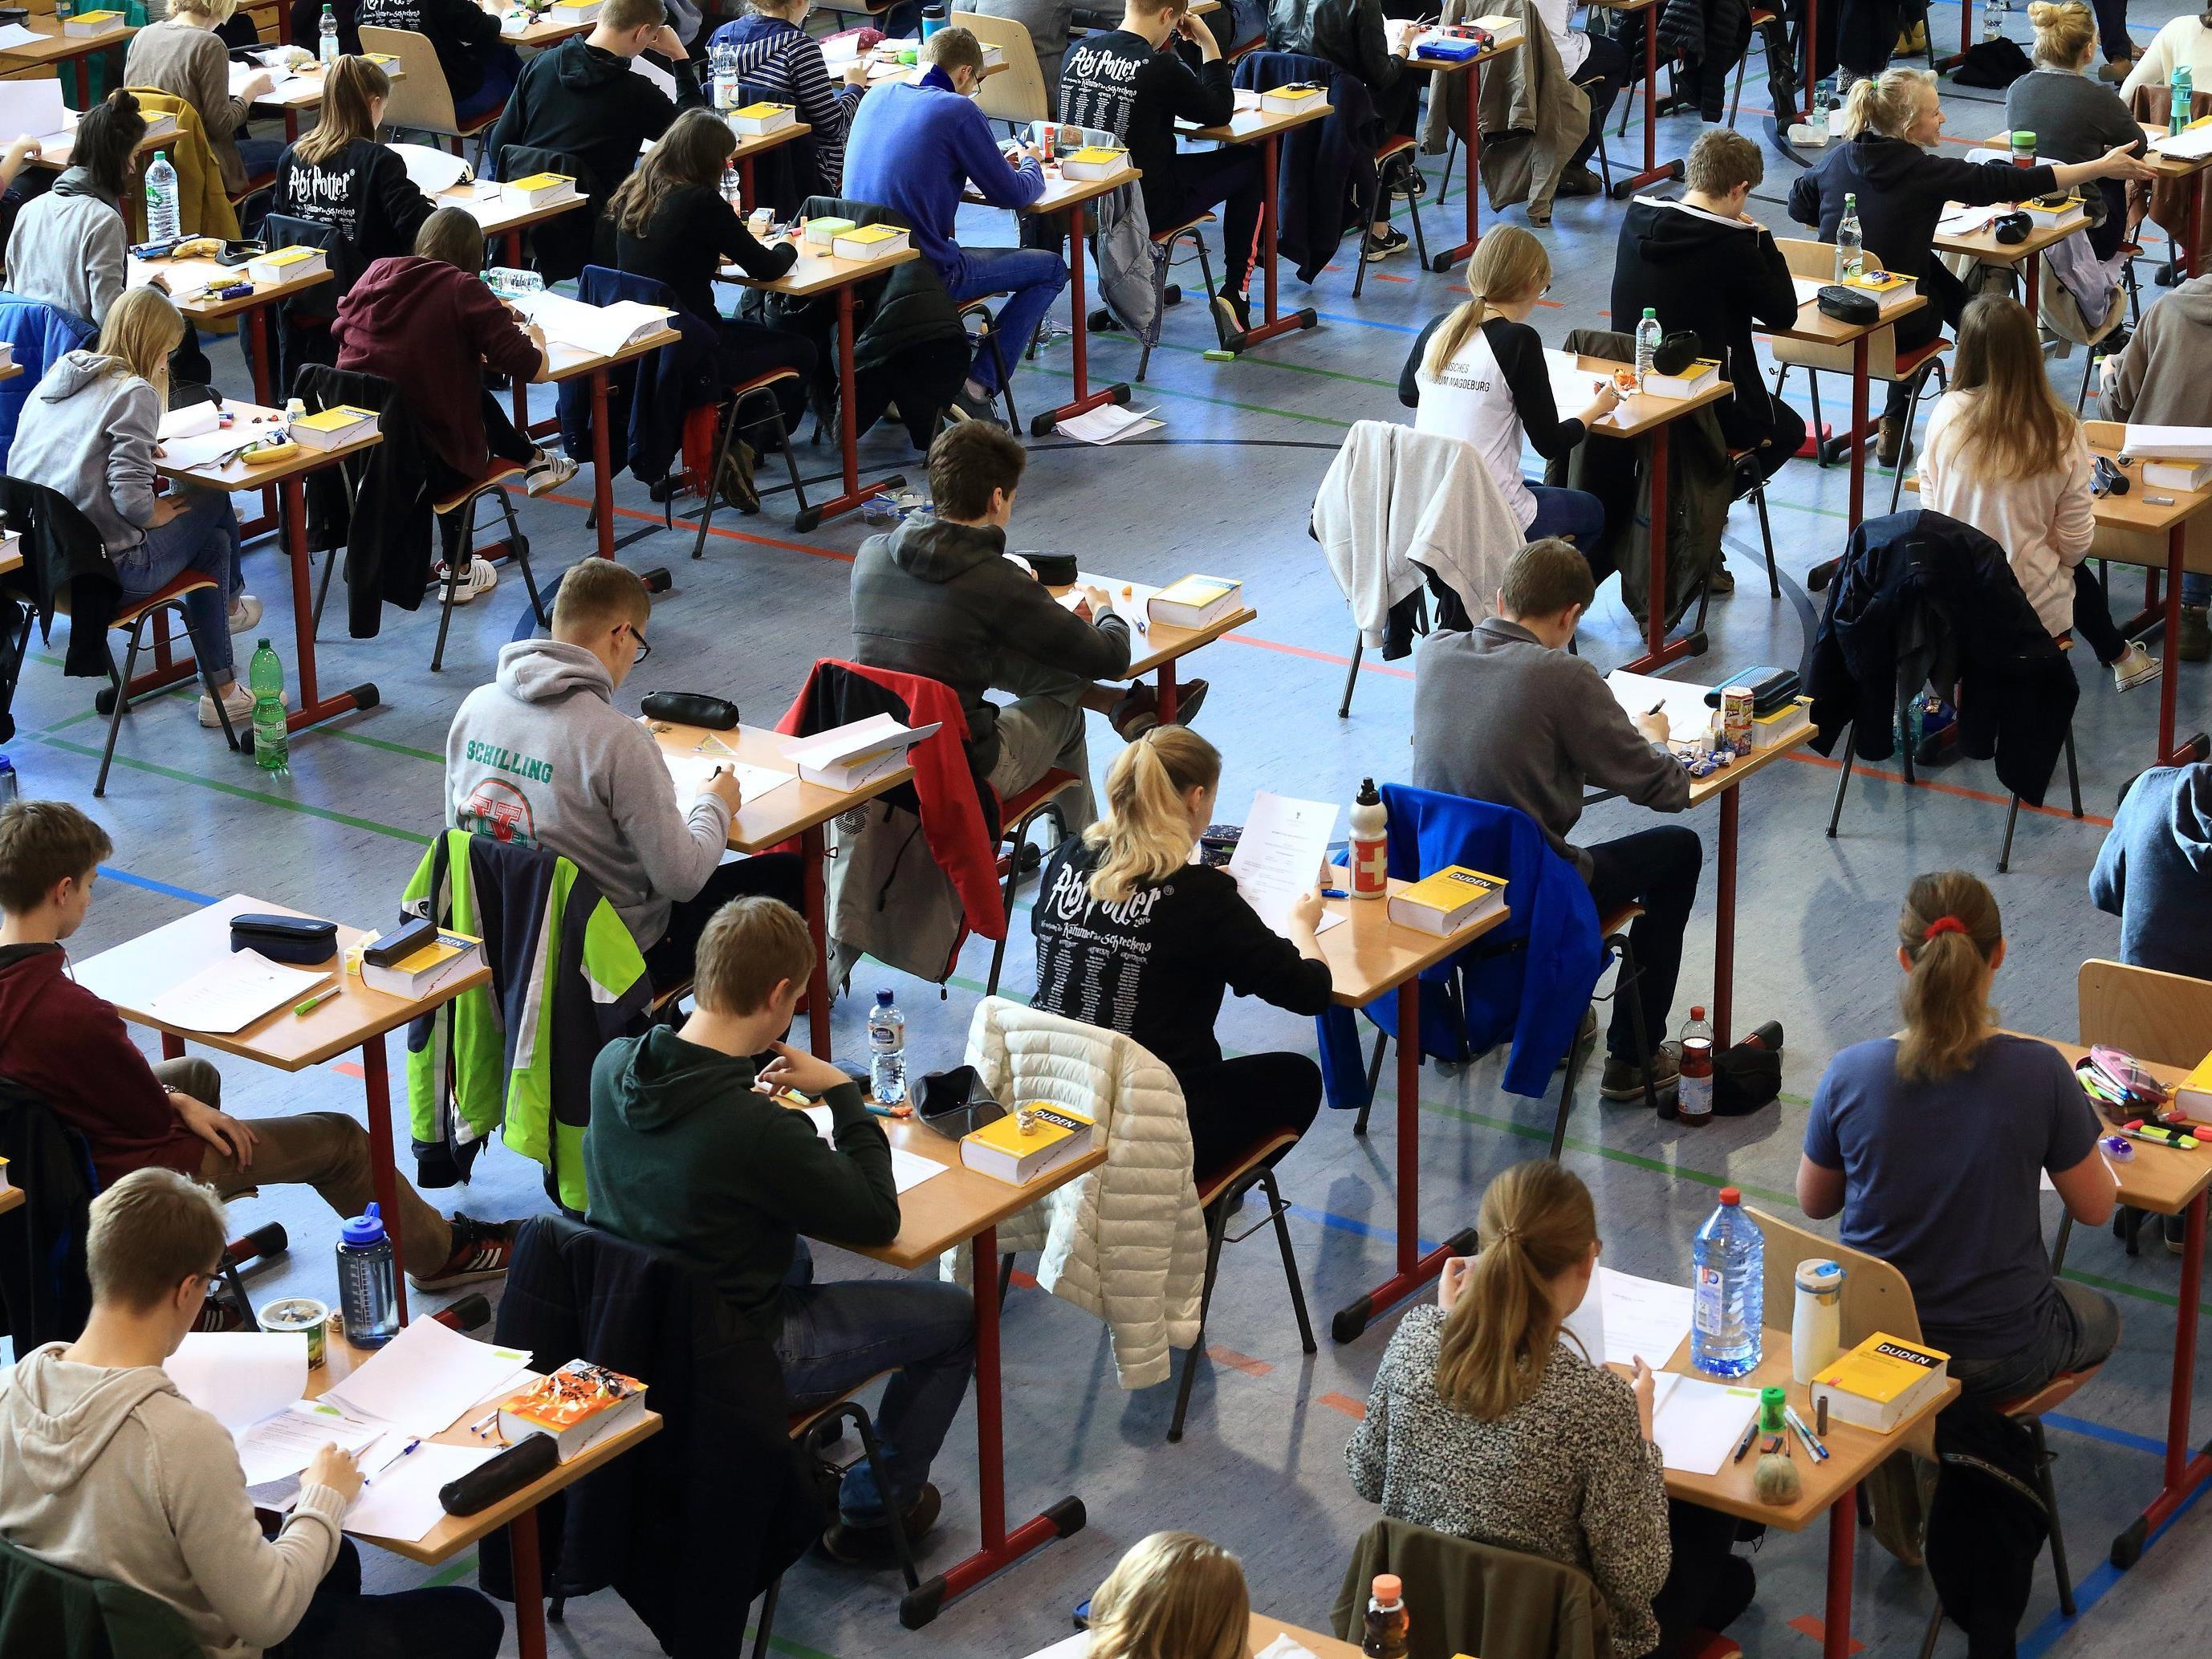 Das Abschneiden der Vorarlberger Schüler soll bei der kommenden Matura besser werden.